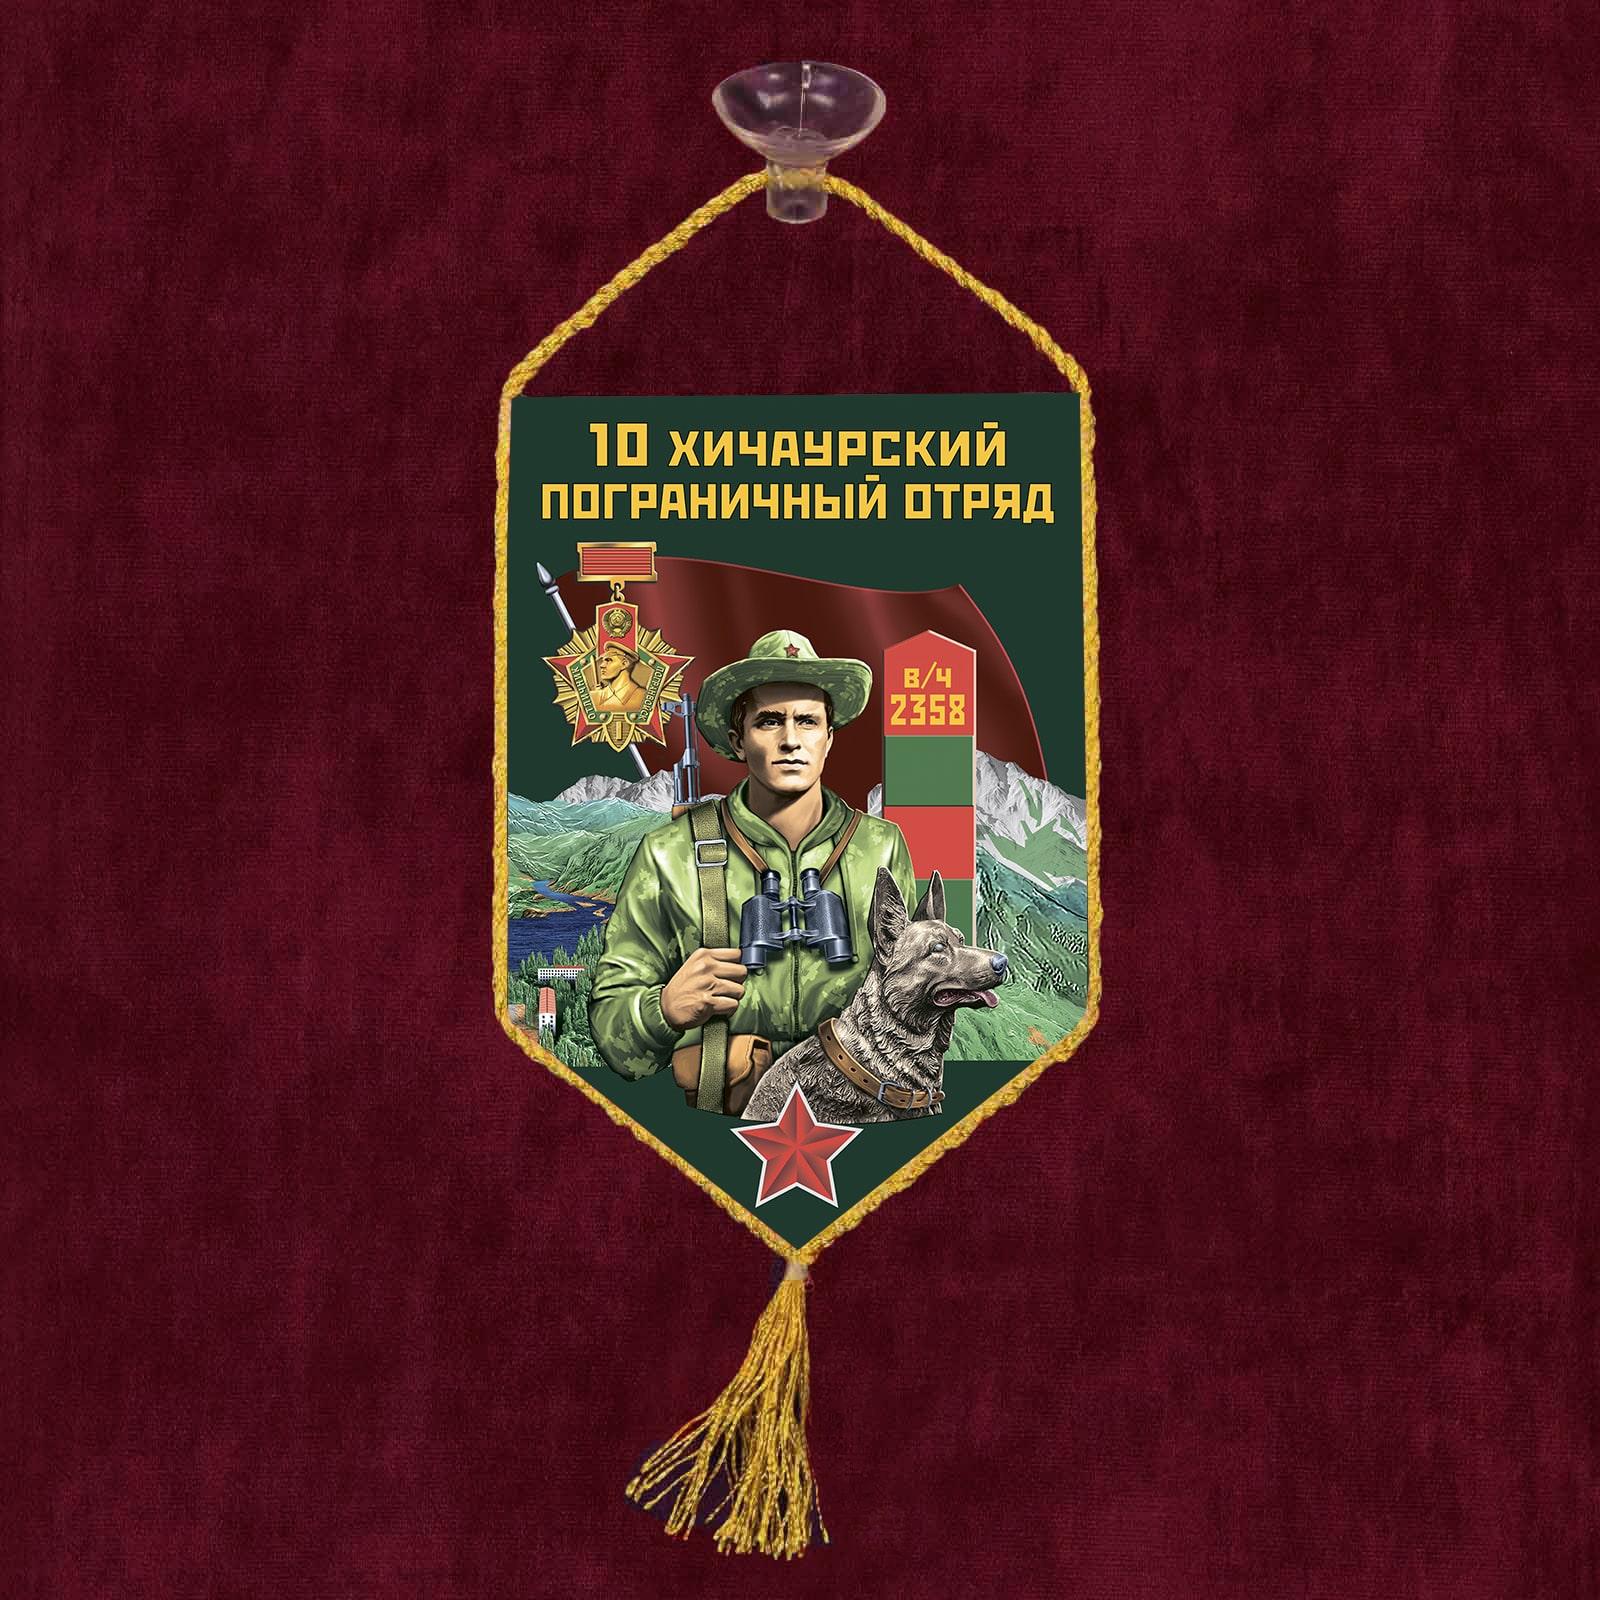 """Автомобильный вымпел """"10 Хичаурский пограничный отряд"""""""